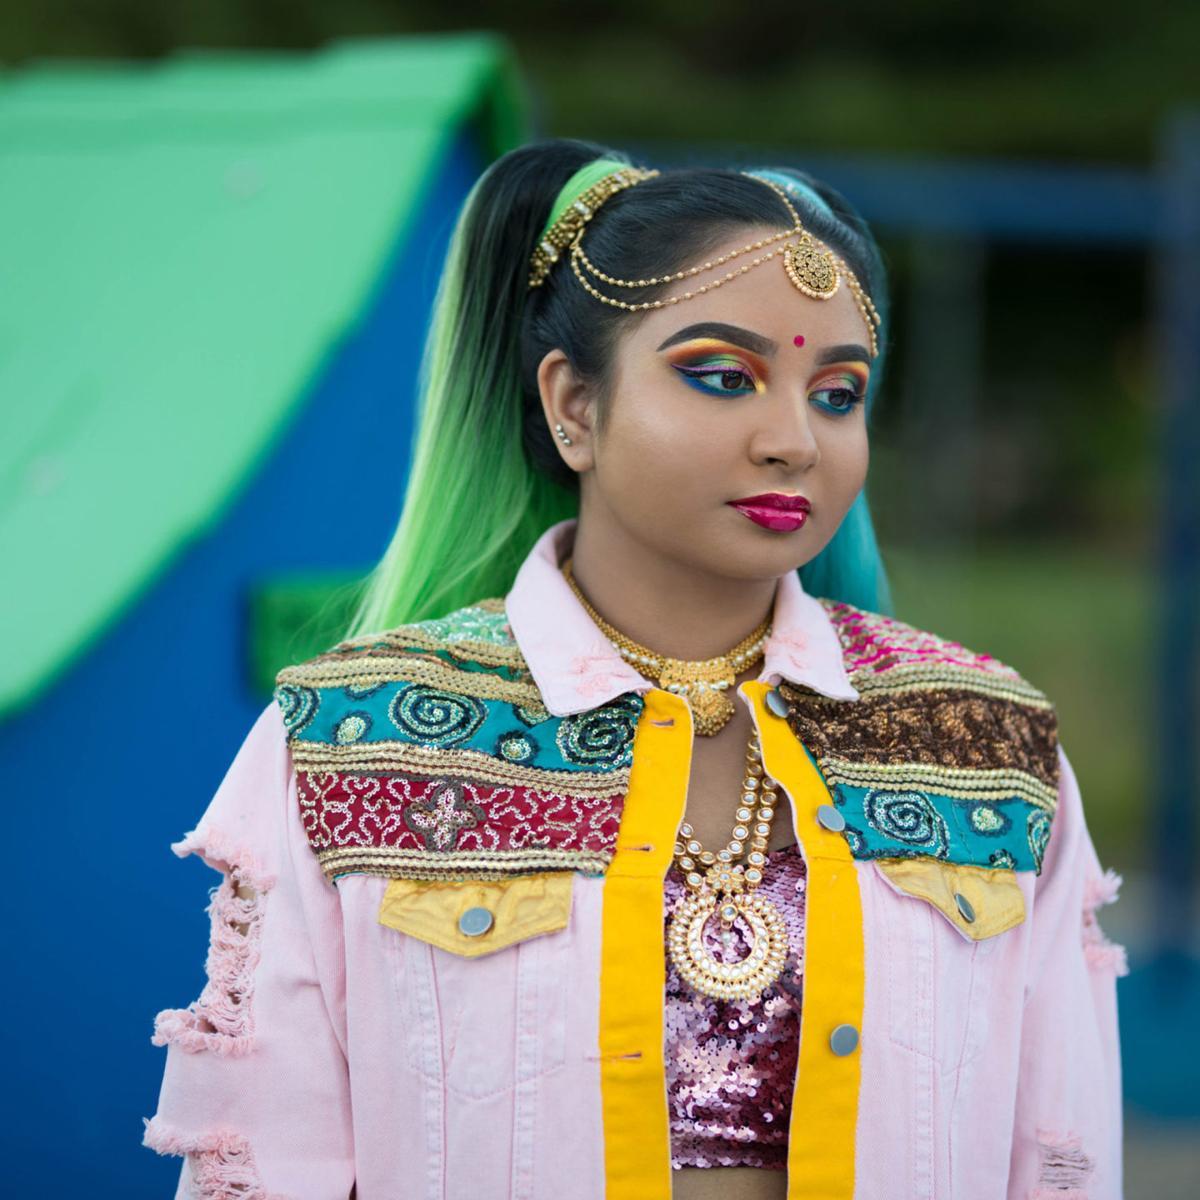 Eden Prairie Woman Creates Fashion That Mixes Cultures Eden Prairie News Swnewsmedia Com